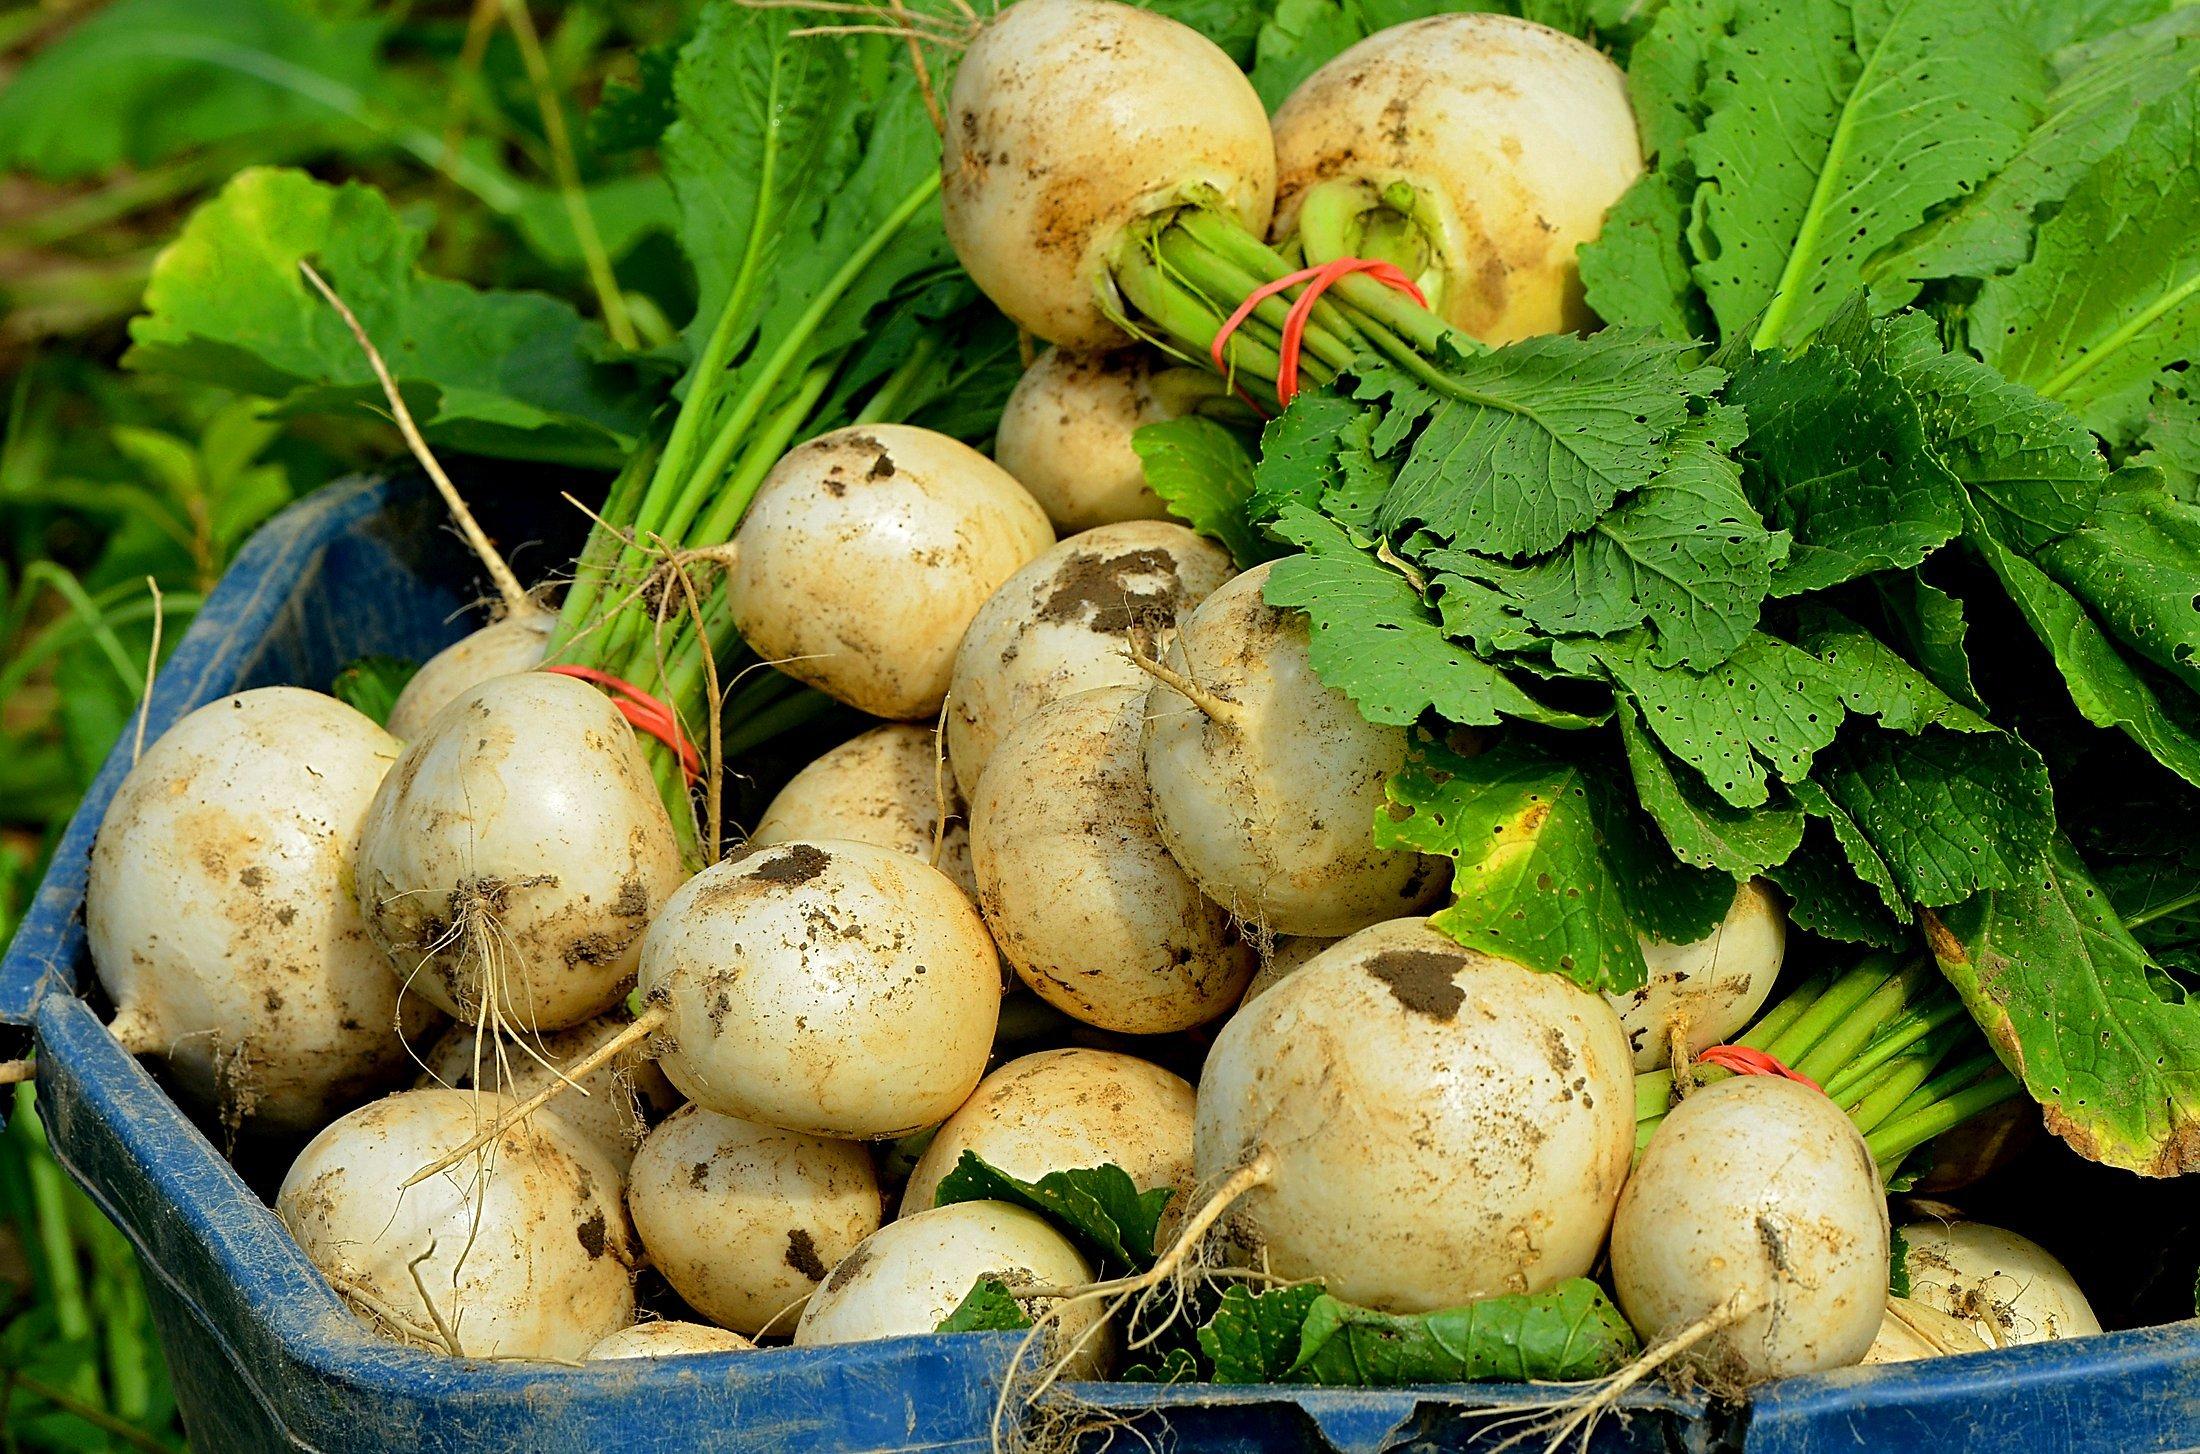 Turnips at Early Morning Farms, an organic Farm in Genoa.